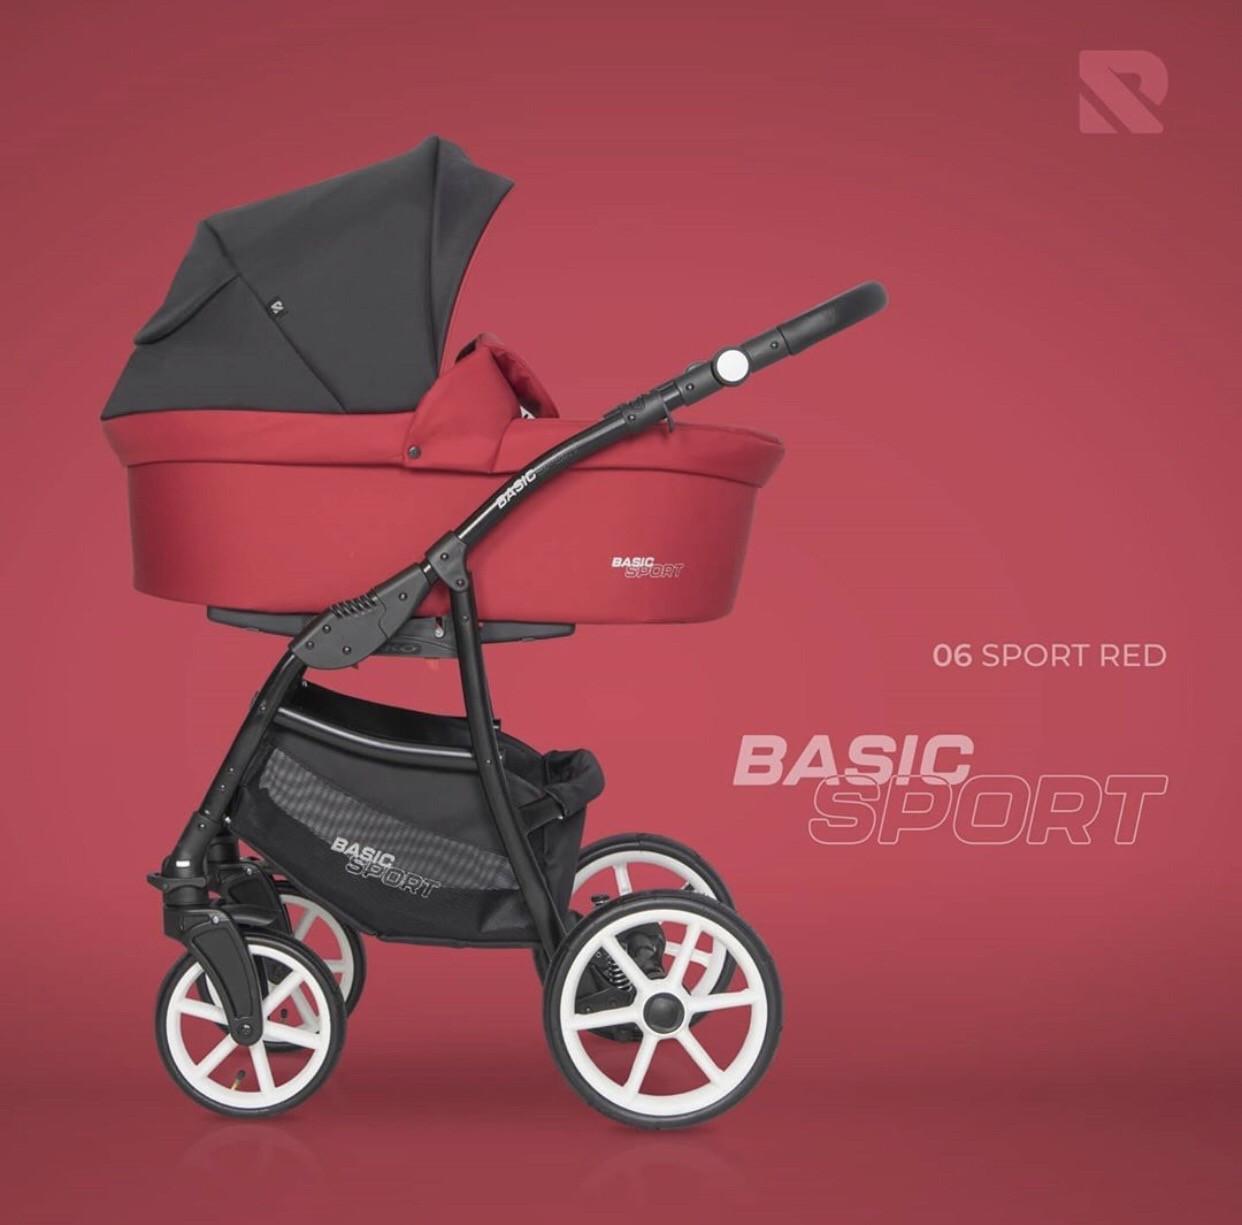 Детская универсальная коляска 2 в 1 Riko Basic Sport 06 Sport Red